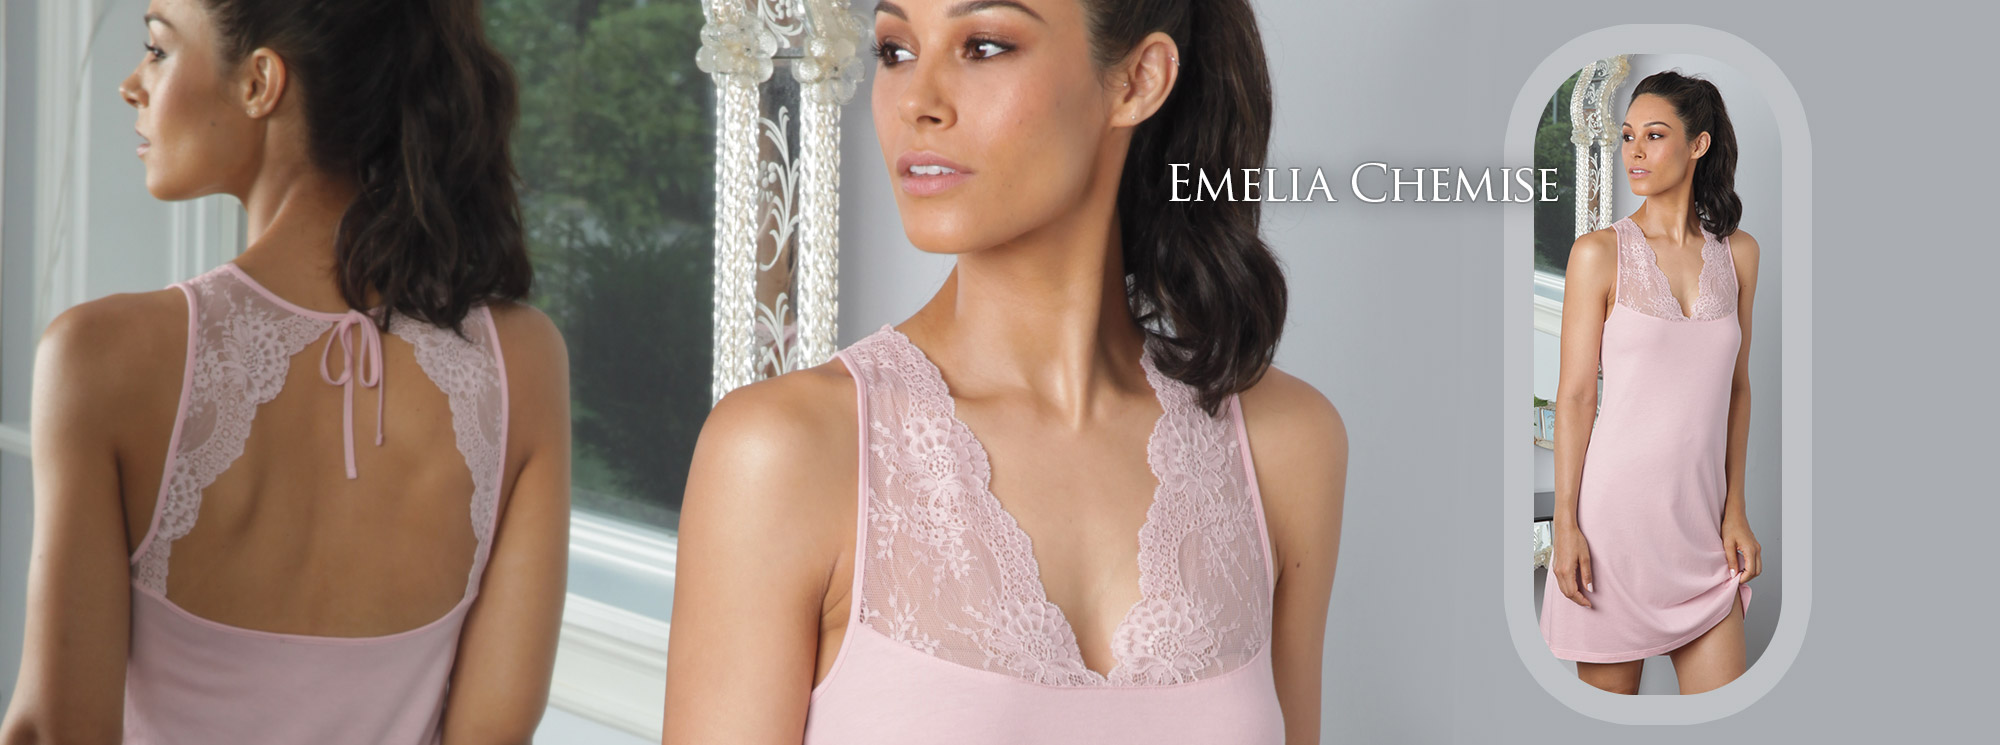 Emelia Chemise